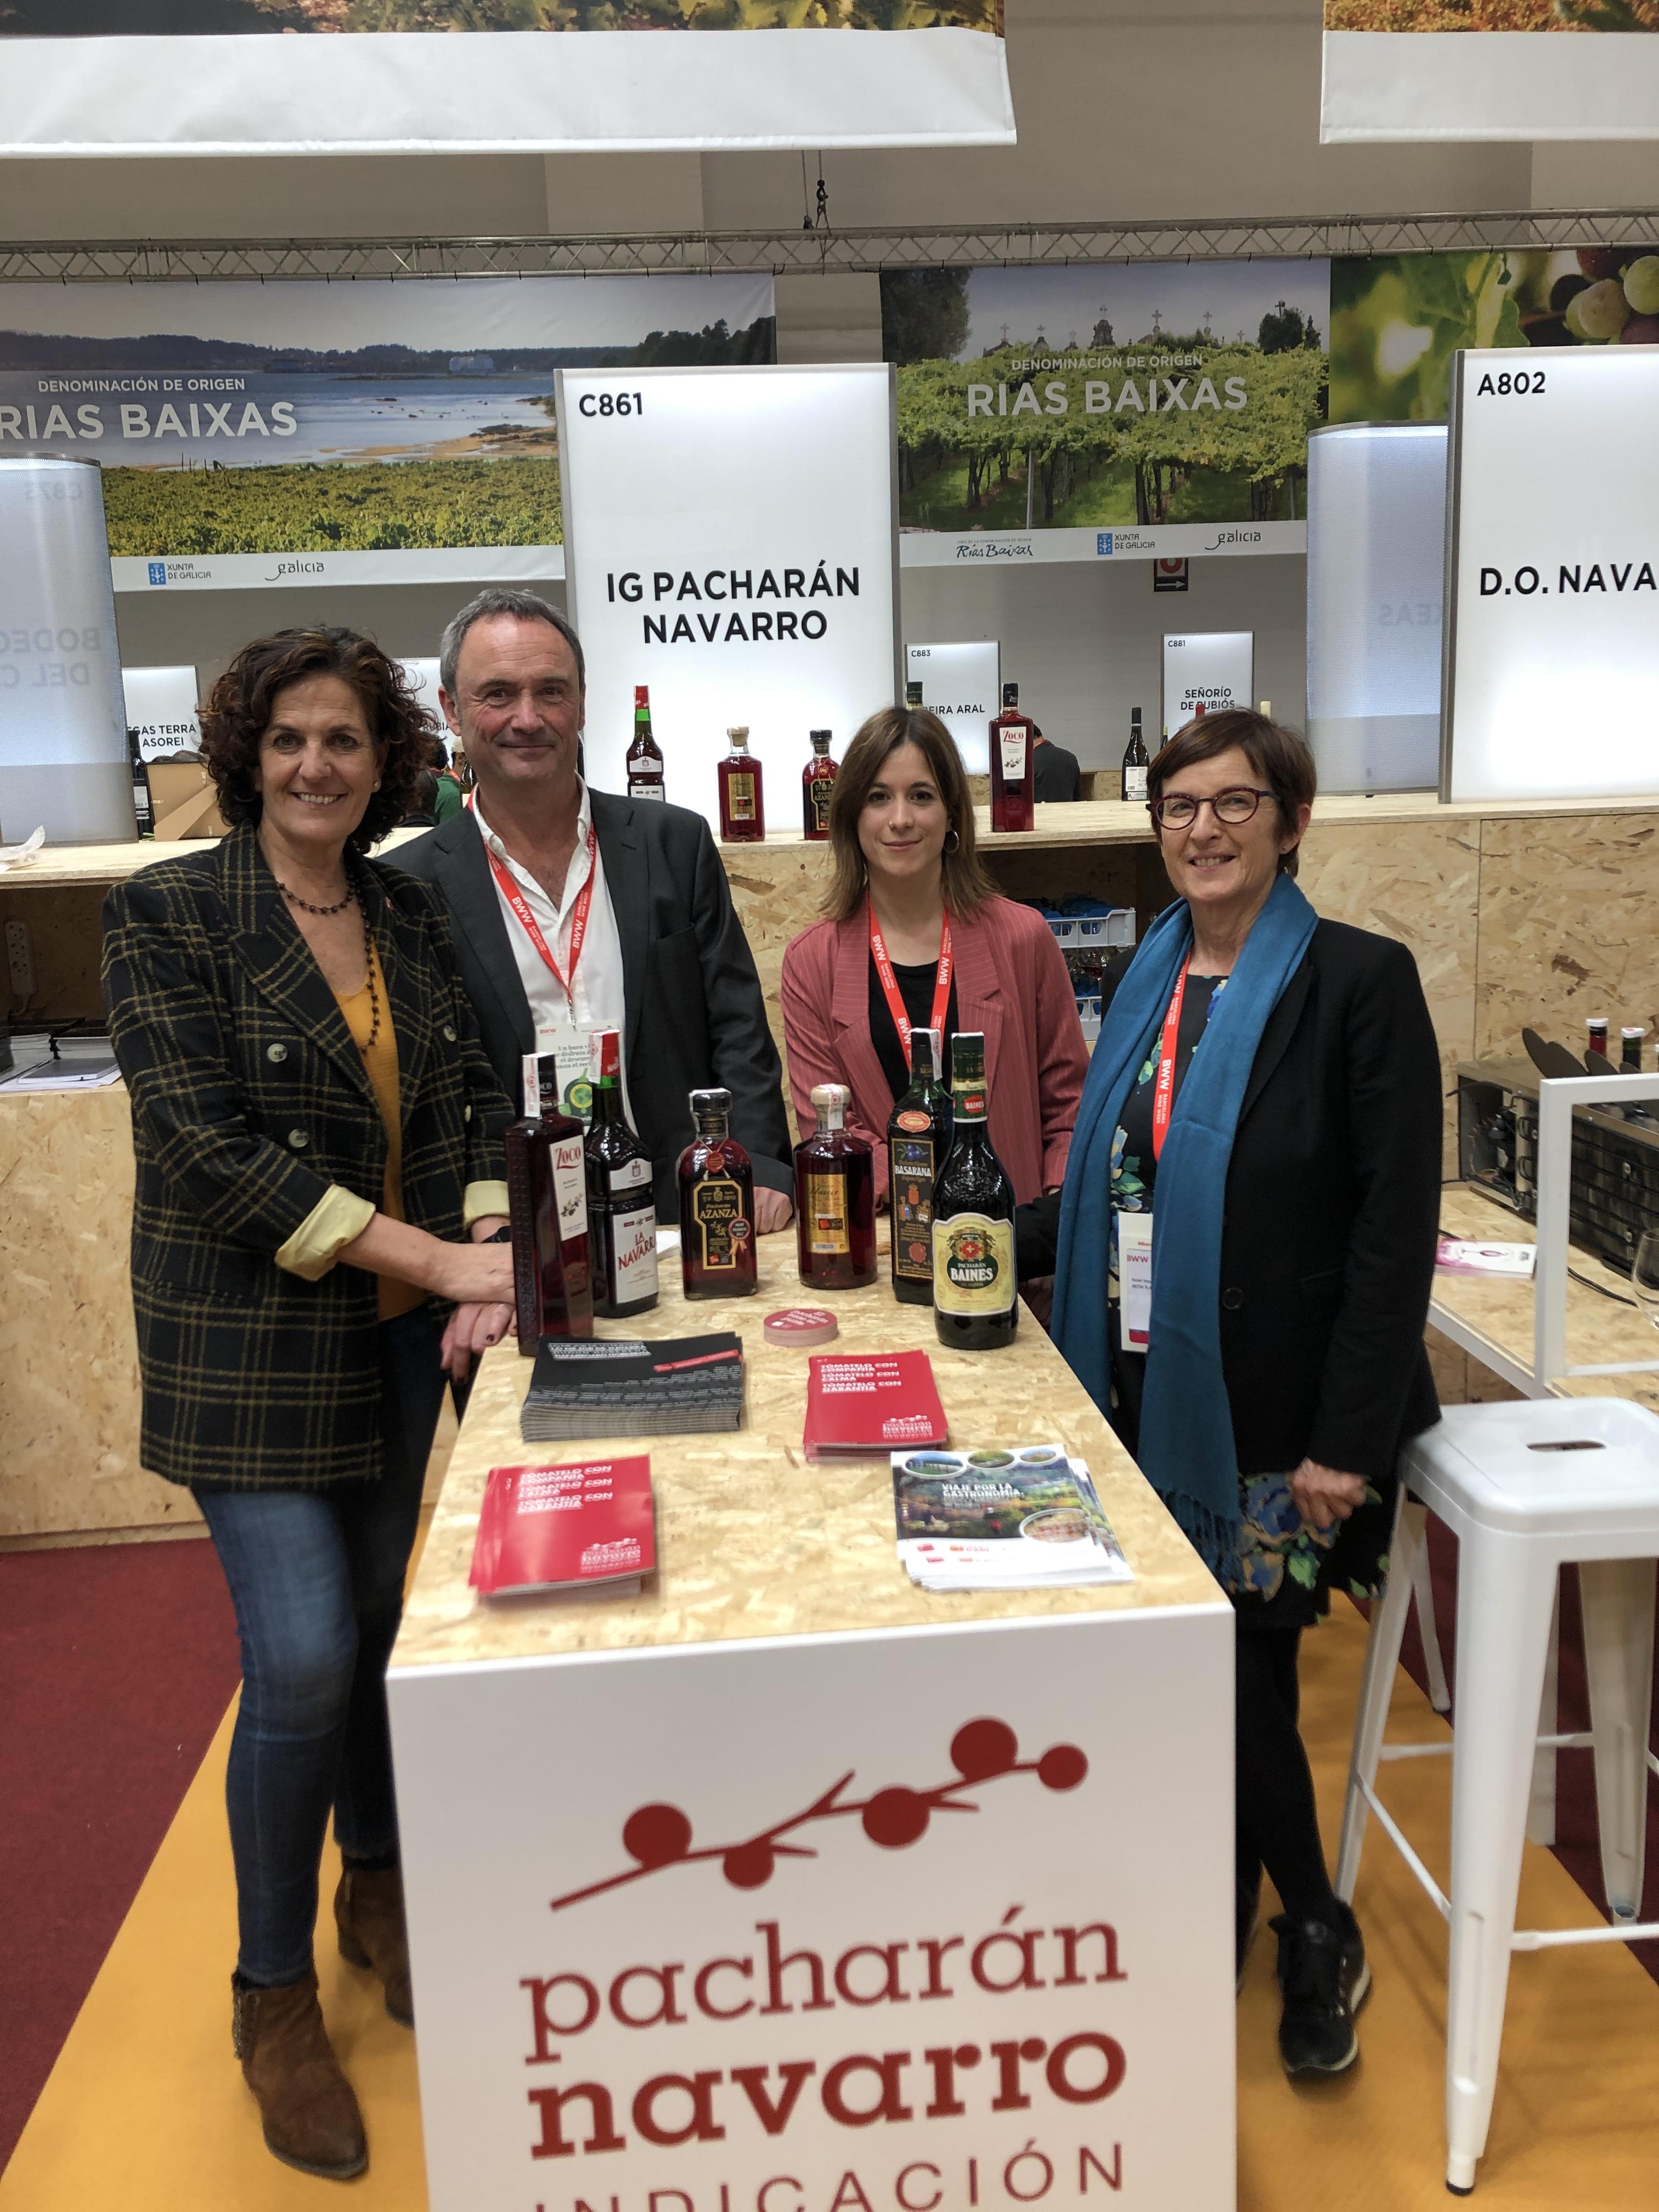 La consejera Gómez apoya al sector vitivinícola navarro presente en la feria internacional Barcelona Wine Week